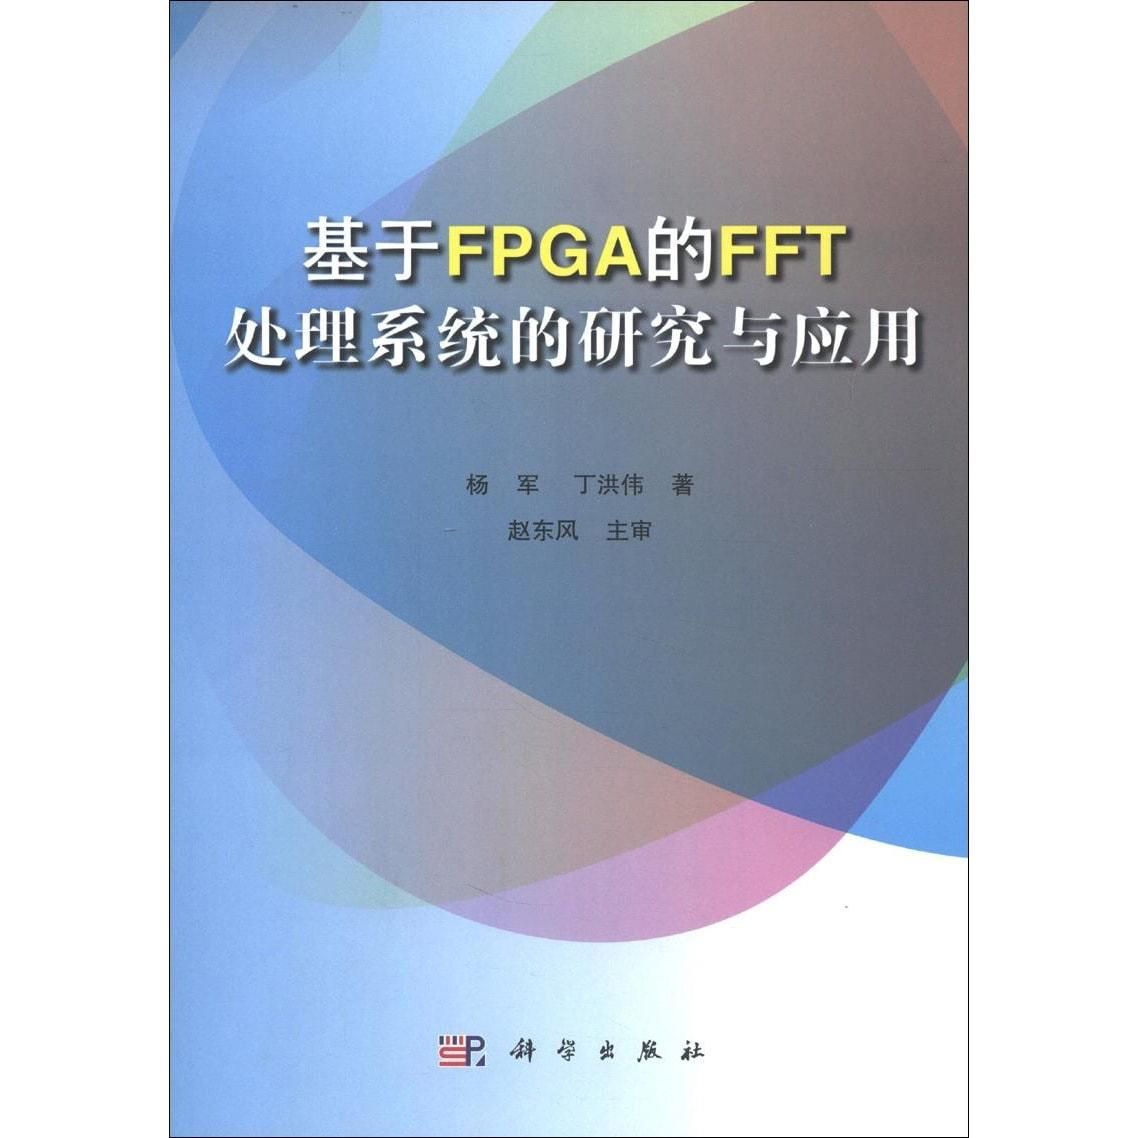 基于FPGA的FFT处理系统的研究与应用 怎么样 - 亚米网